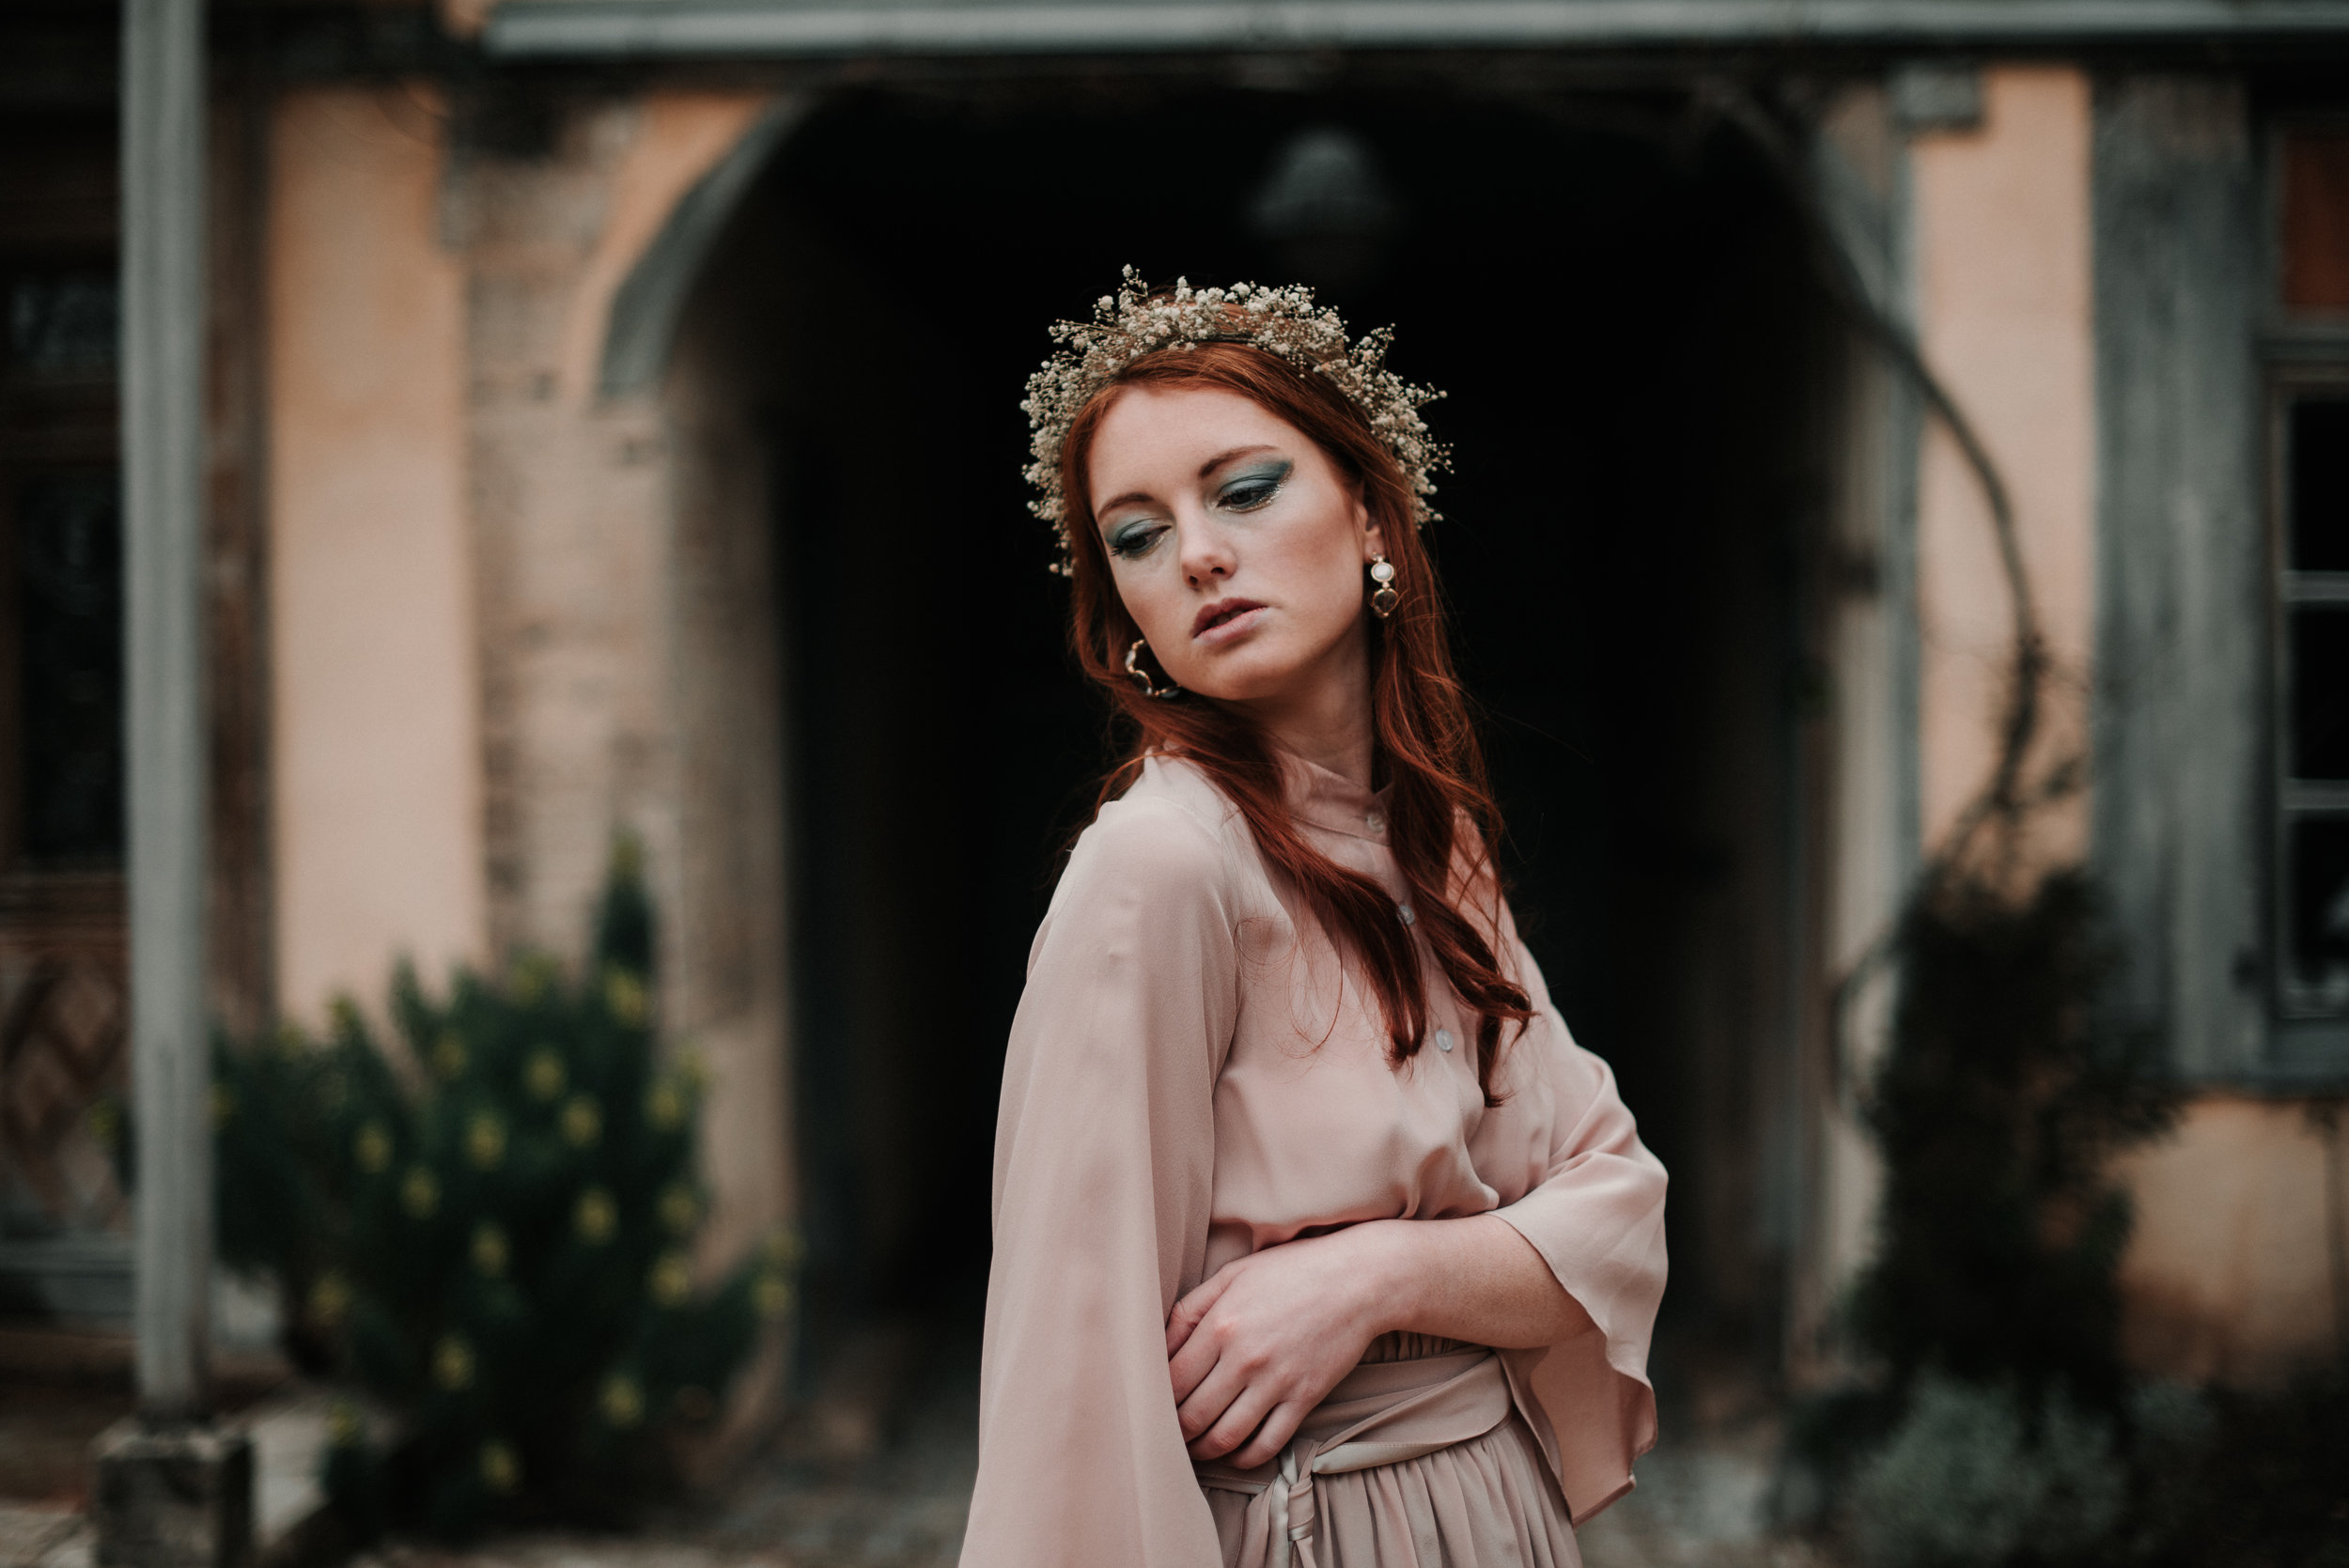 Léa-Fery-photographe-professionnel-lyon-rhone-alpes-portrait-creation-mariage-evenement-evenementiel-famille-3163.jpg